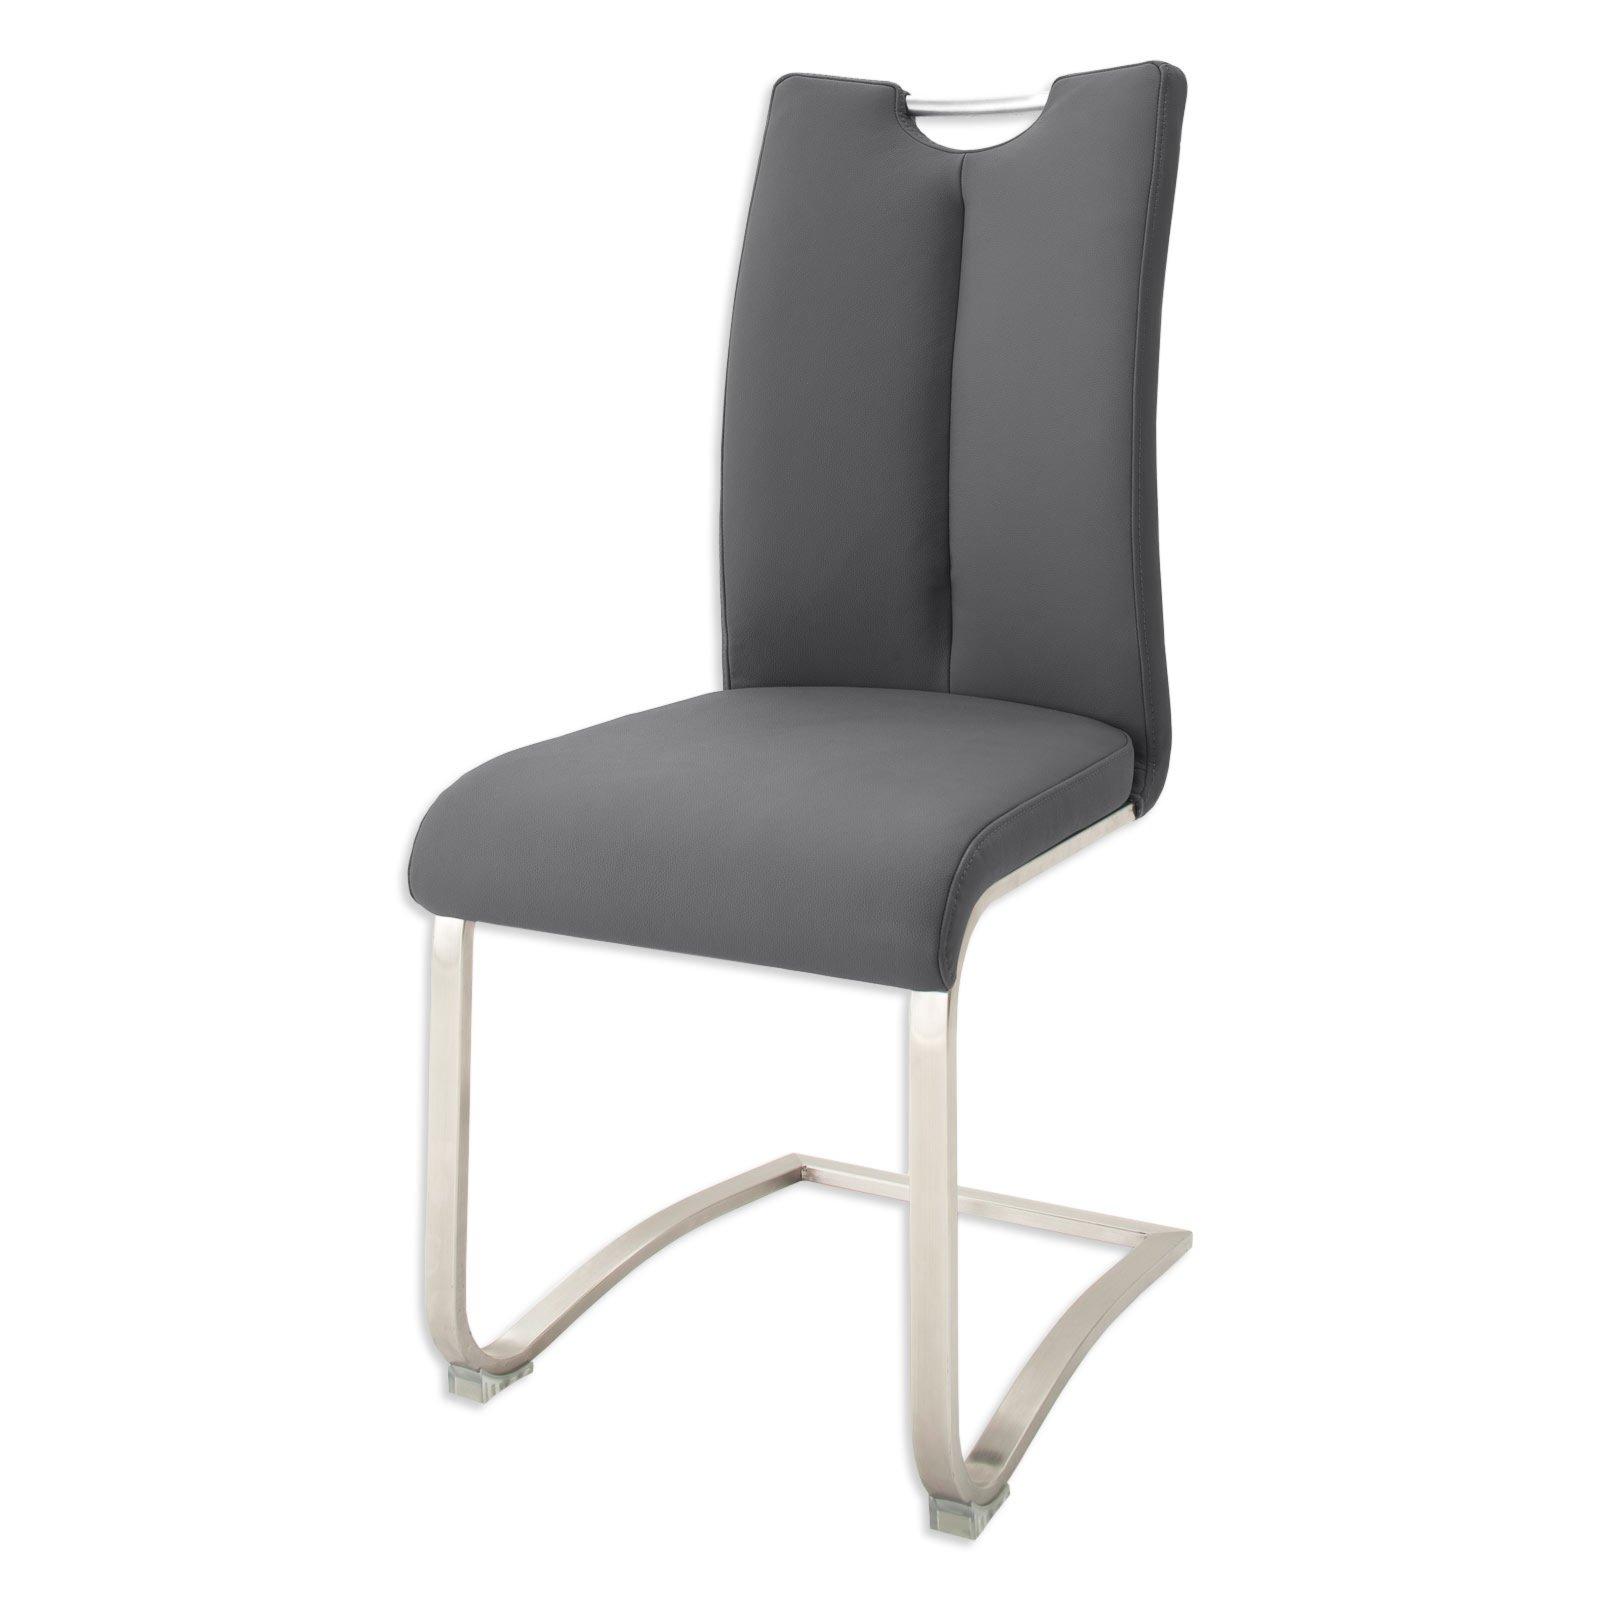 schwinger artos i xl grau freischwinger st hle hocker m bel roller m belhaus. Black Bedroom Furniture Sets. Home Design Ideas